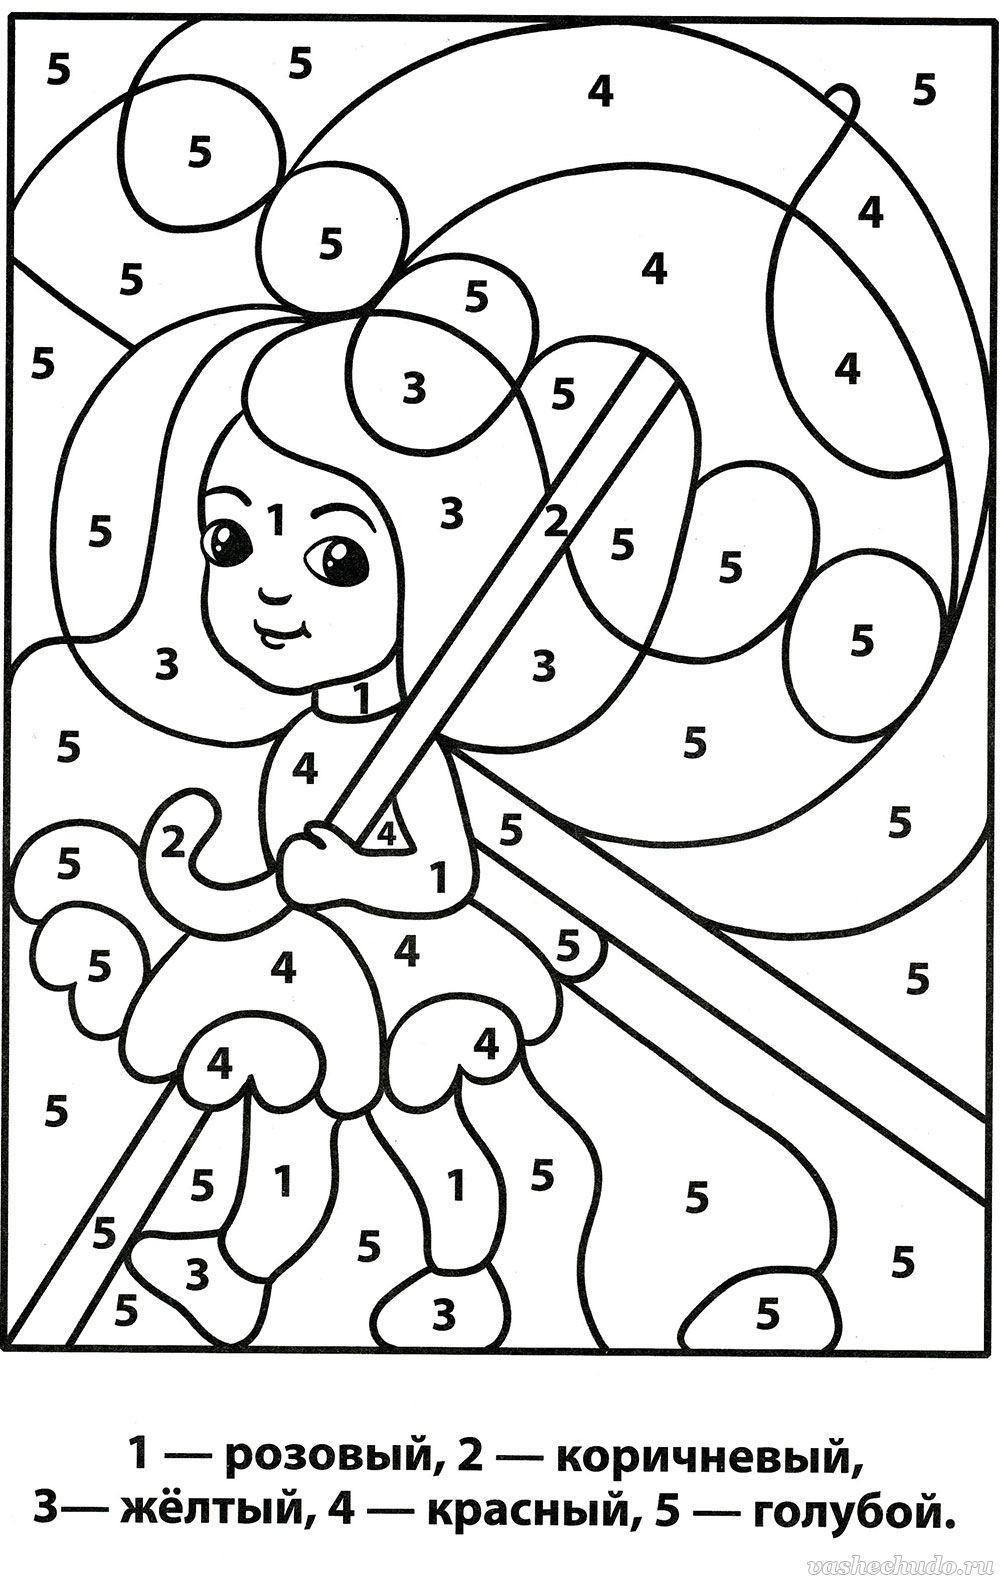 Раскраска по номерам для детей. Девочка